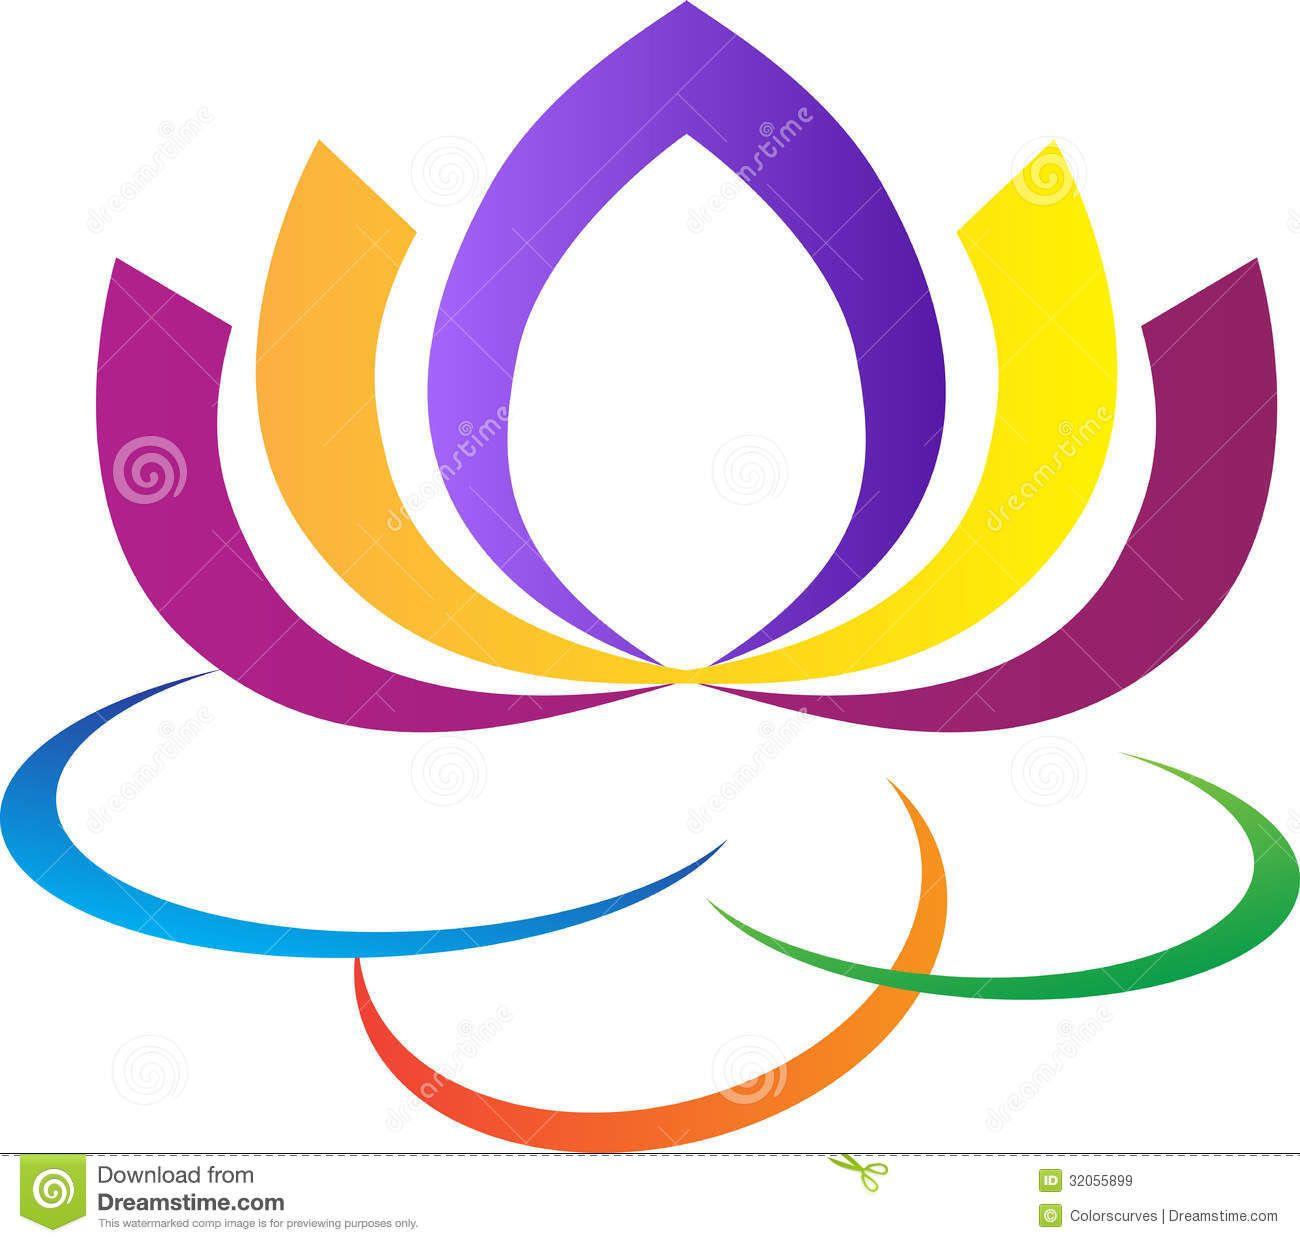 lotus flower logo royalty free stock images image 32055899 i rh pinterest co uk